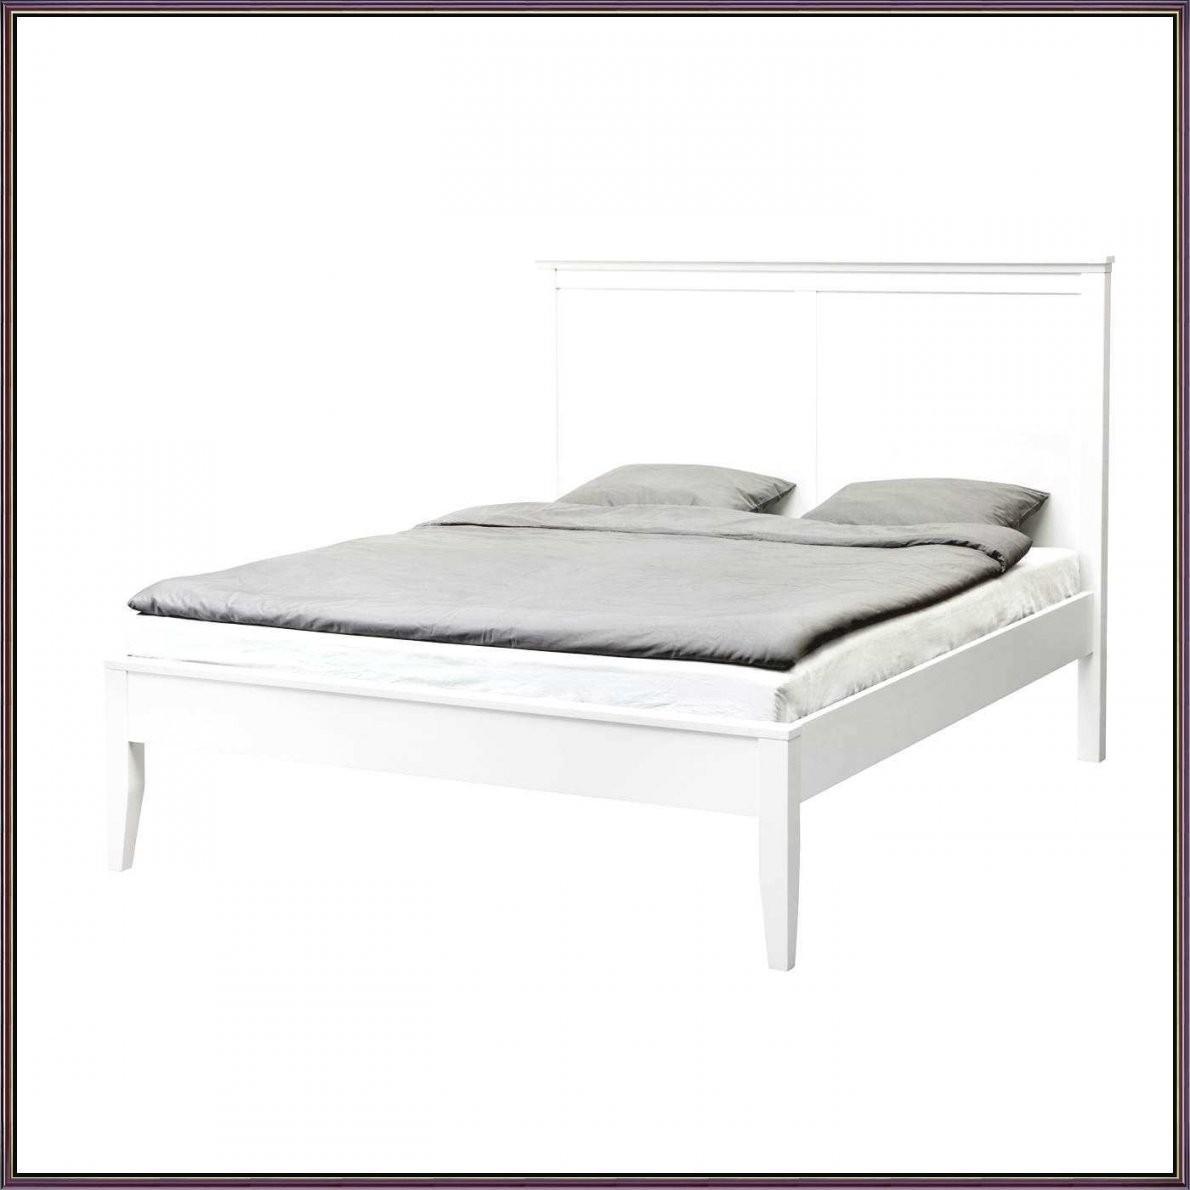 Ikea Malm Bett 140×200  Imgti von Malm Bett 140X200 Weiß Bild